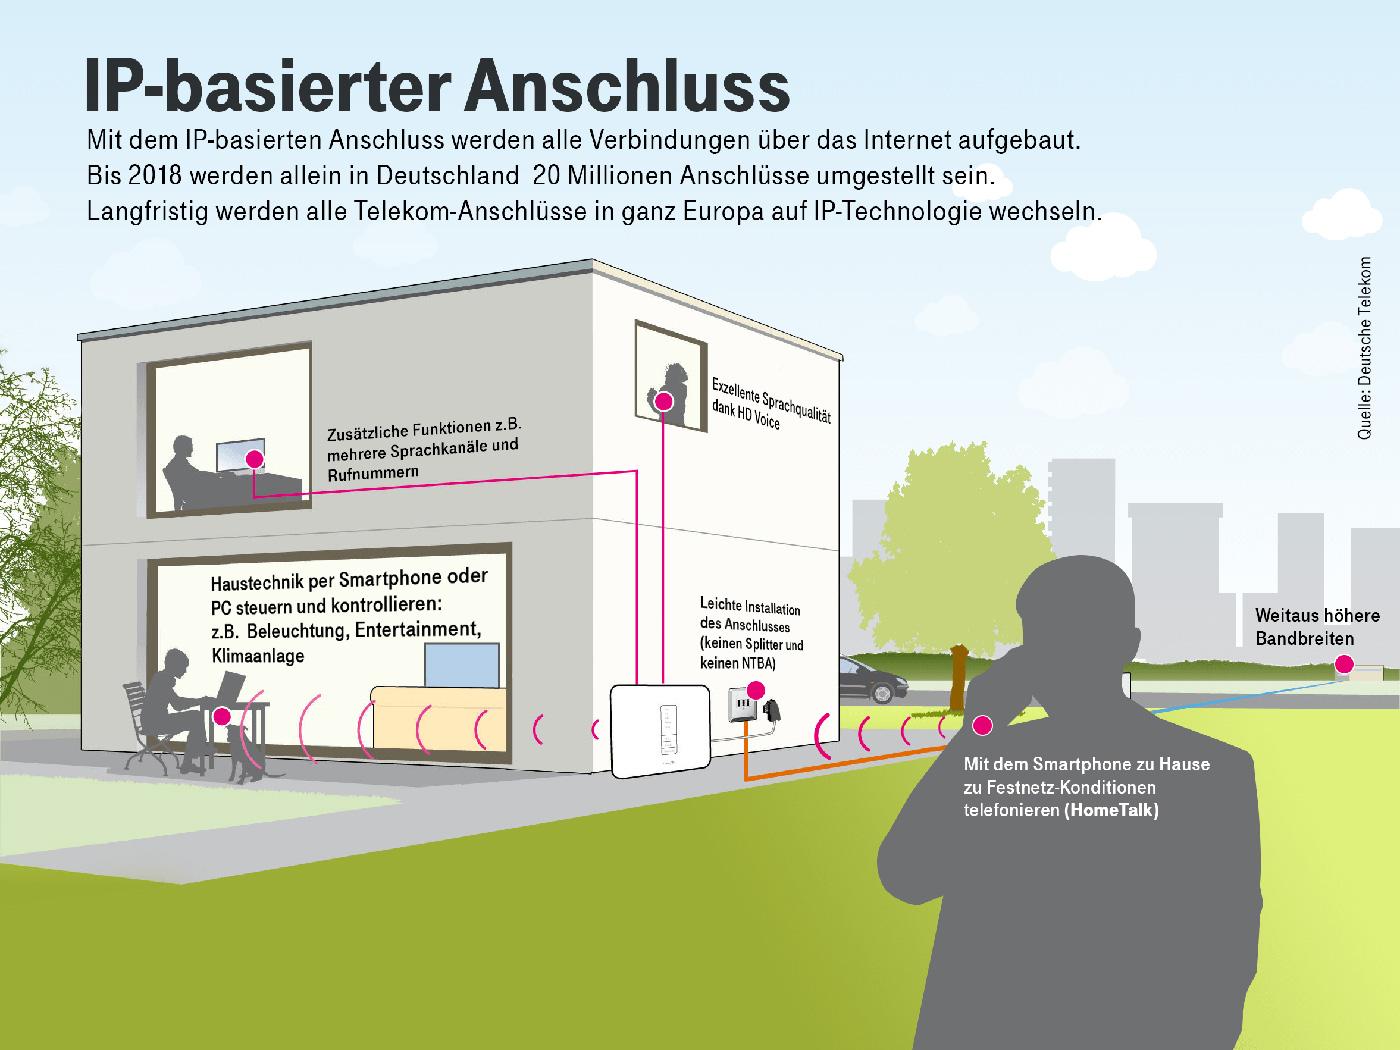 neue telekom kampagne europaweiter ausbau der ip. Black Bedroom Furniture Sets. Home Design Ideas